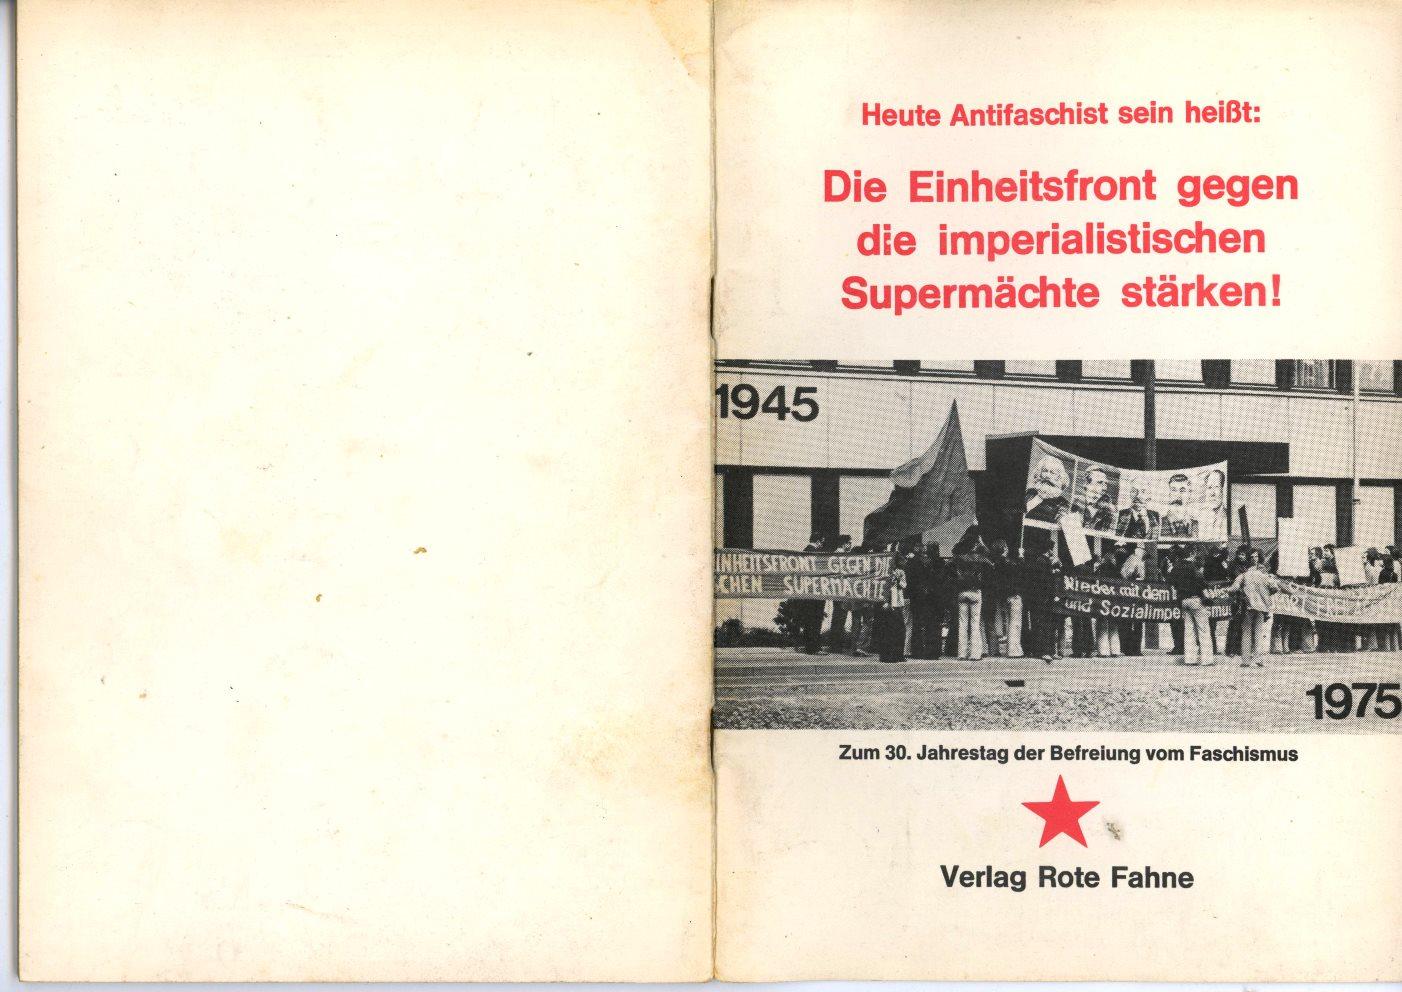 KPDAO_1975_30_Jahrestag_der_Befreiung_vom_Faschismus_01